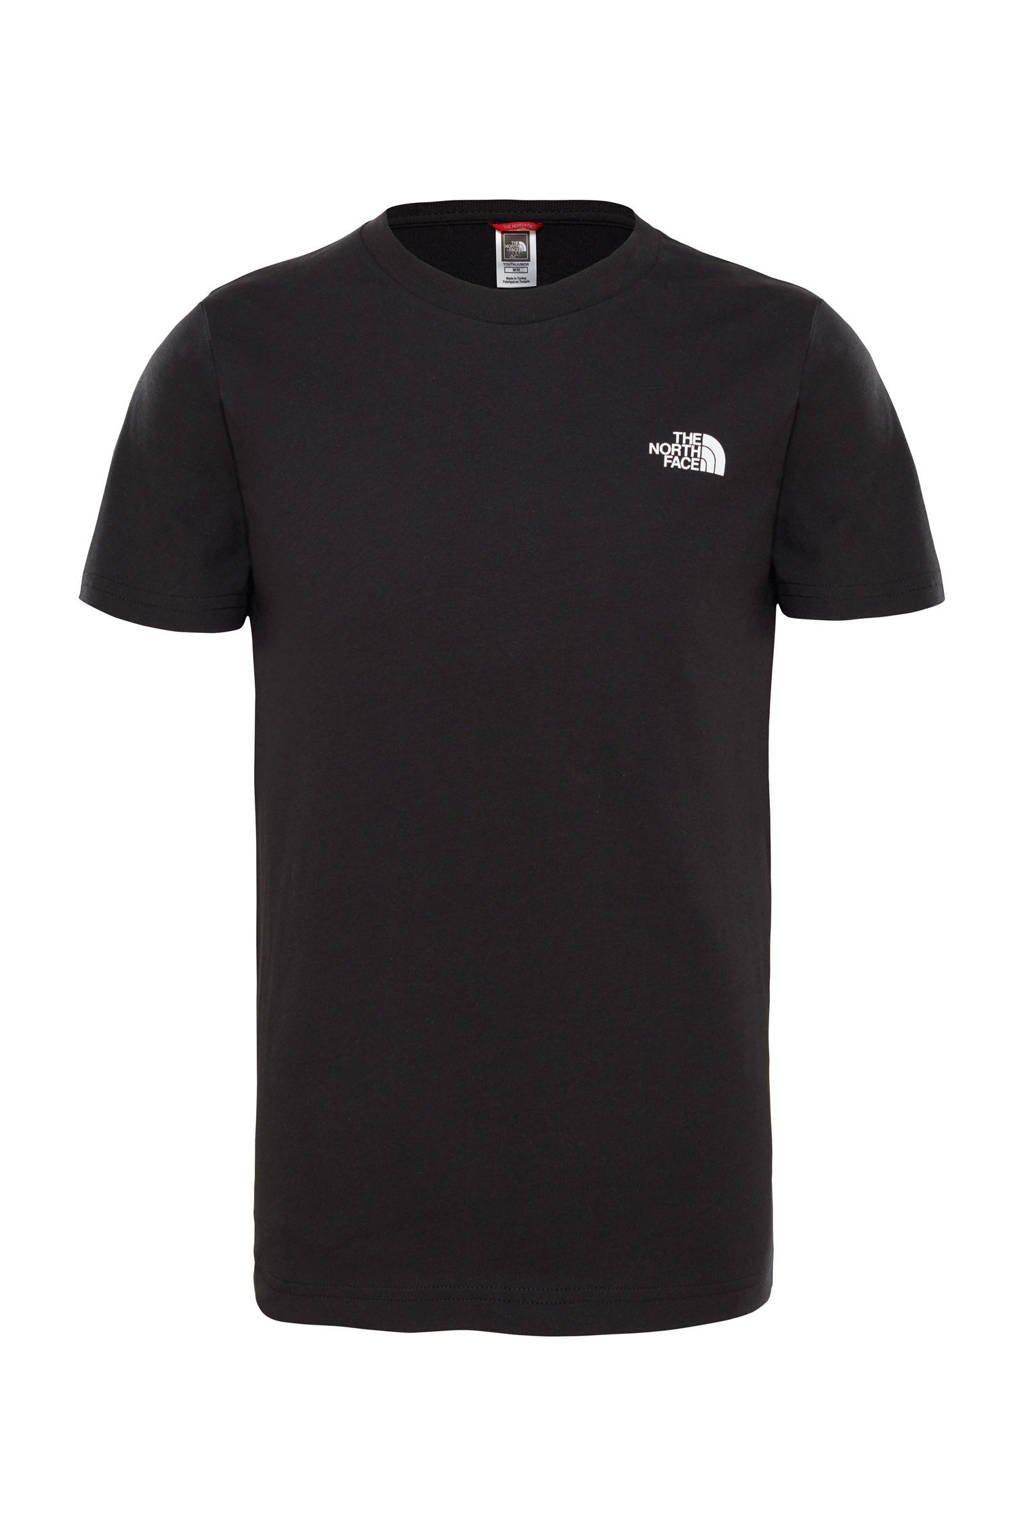 The North Face unisex T-shirt zwart, Zwart